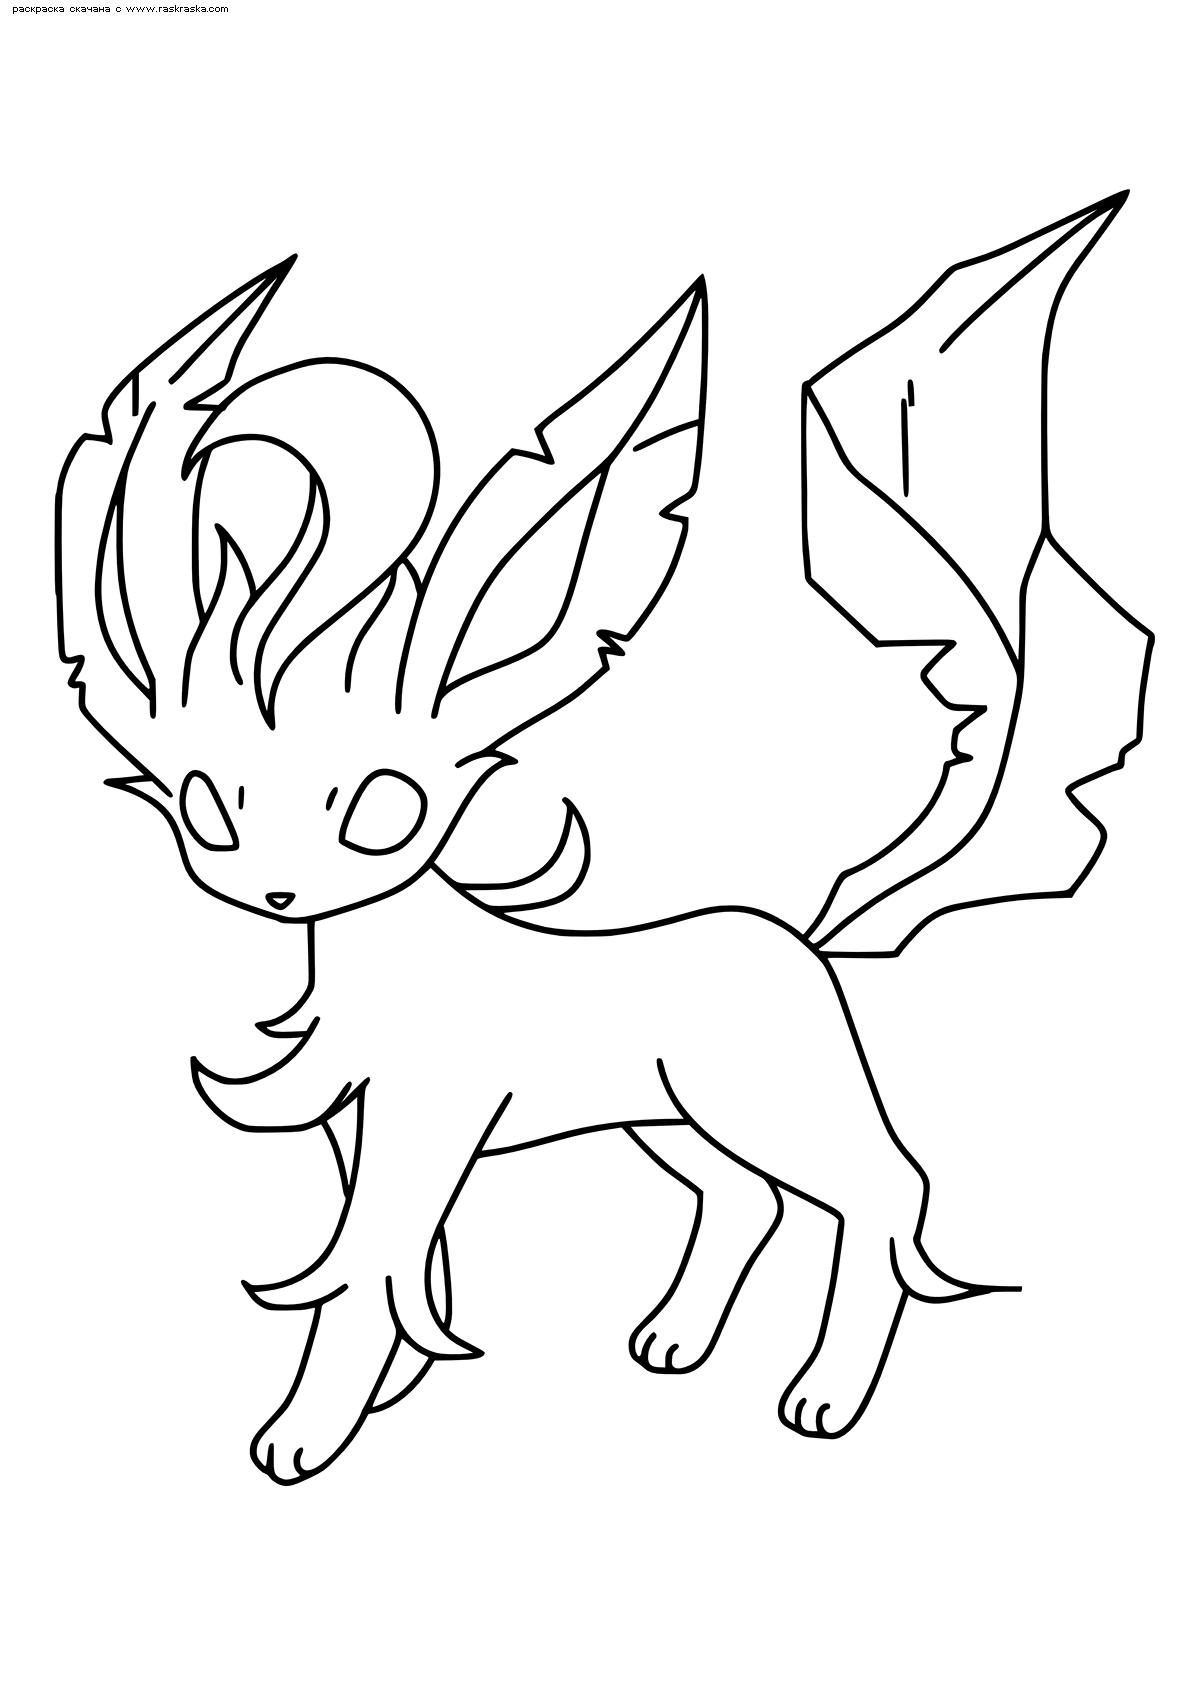 Раскраска Покемон Лифеон (Leafeon) | Раскраски эволюция ...